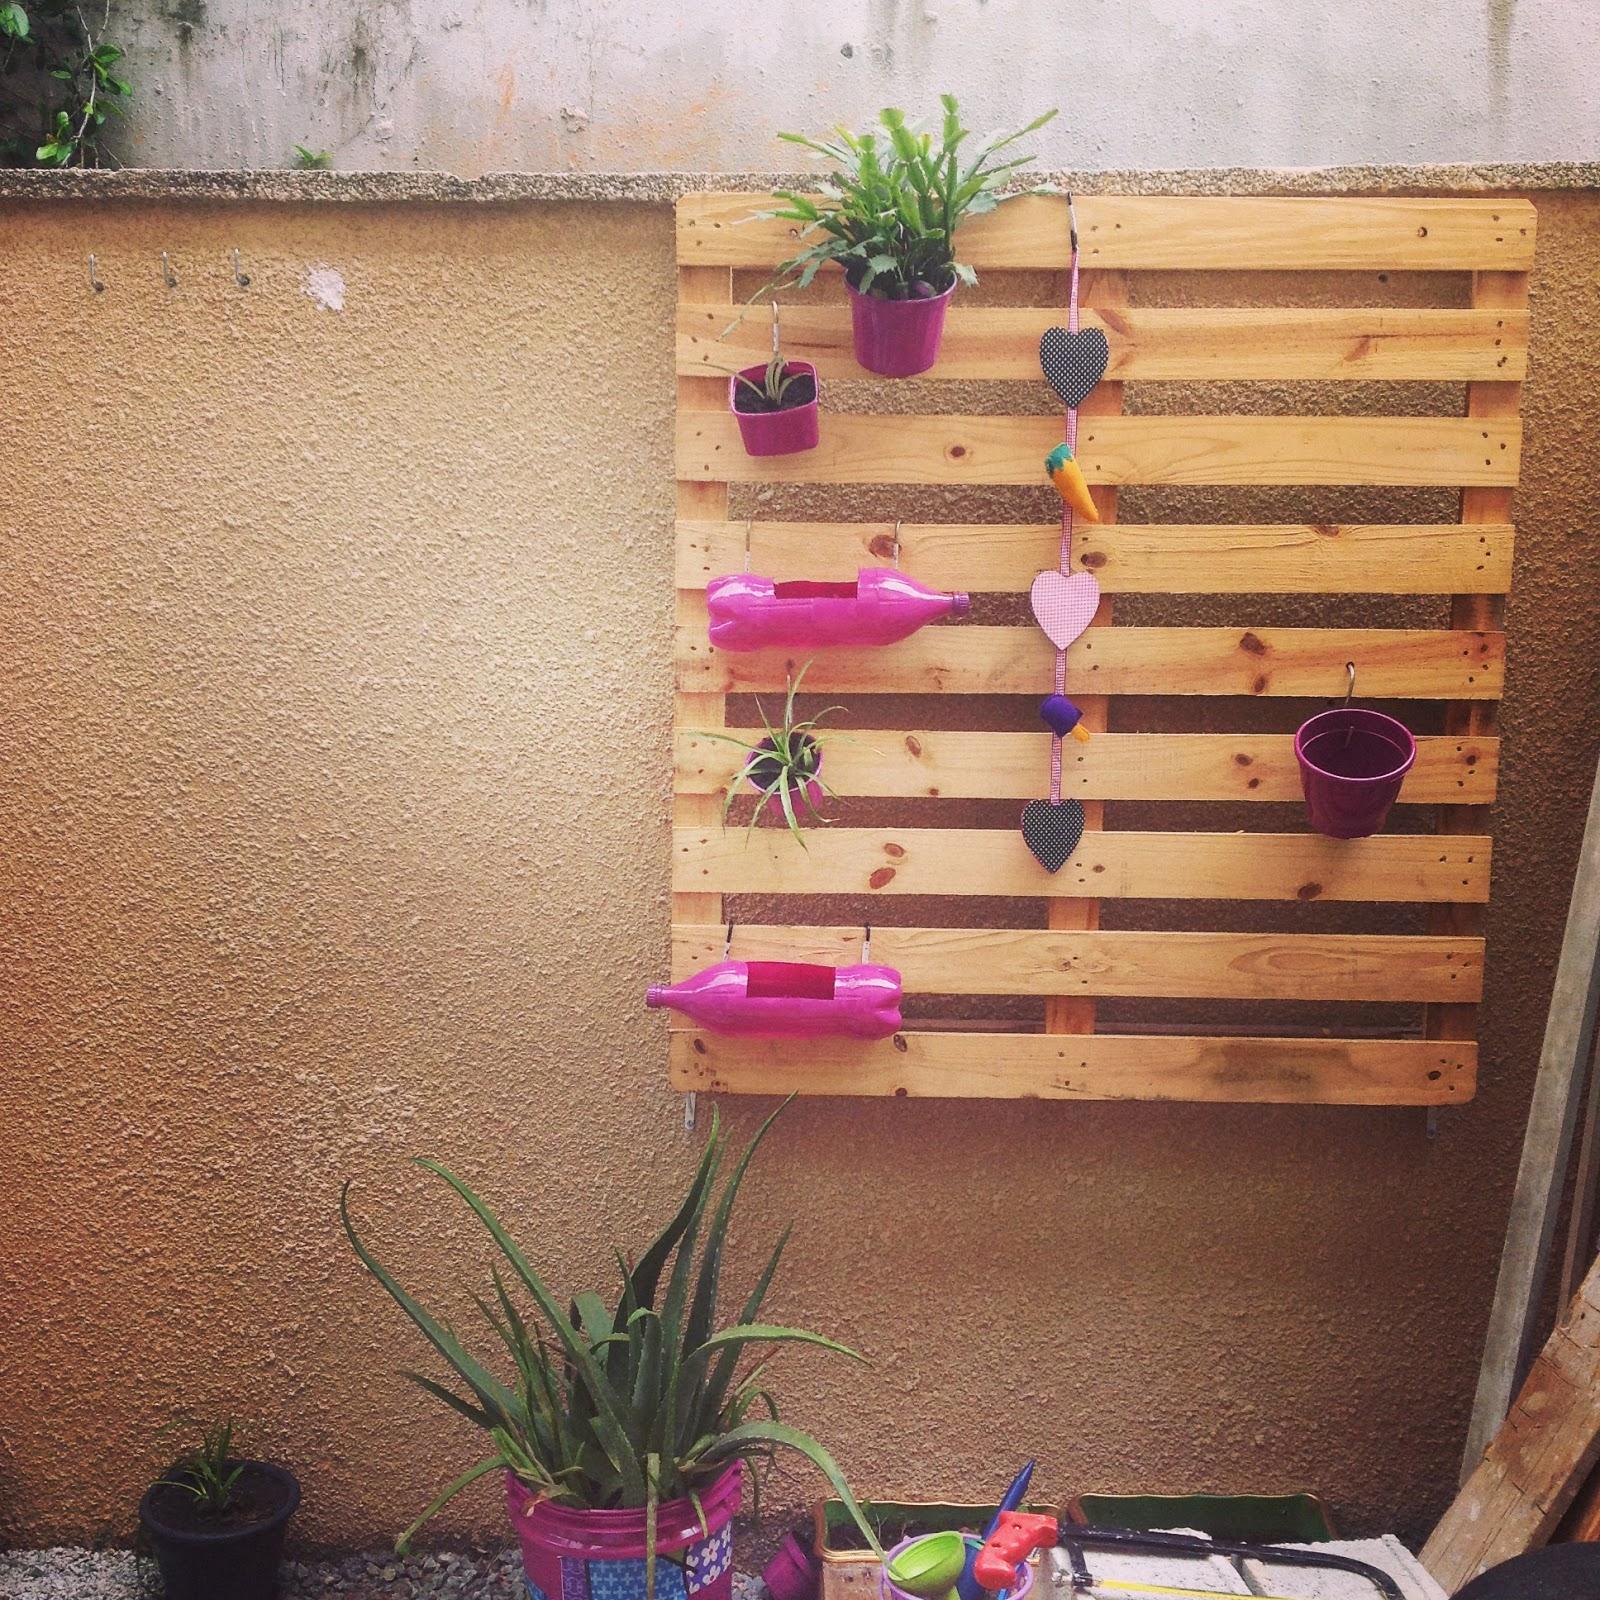 Meu Jardim Vertical com Pallet Dividindo Experiências #9C3060 1600x1600